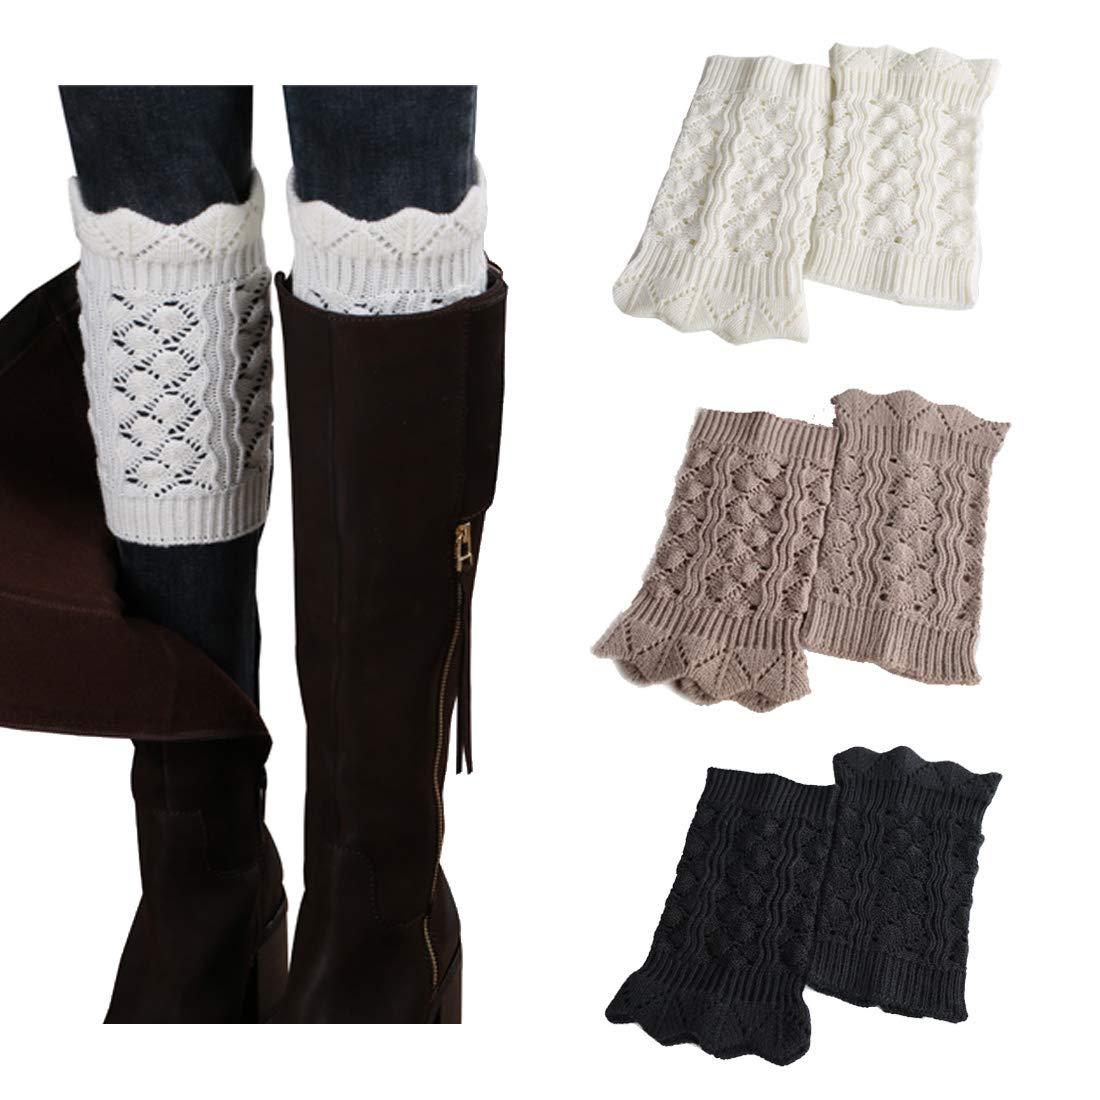 3Pairs Women's Short Leg Warmer Crochet Boot Cover